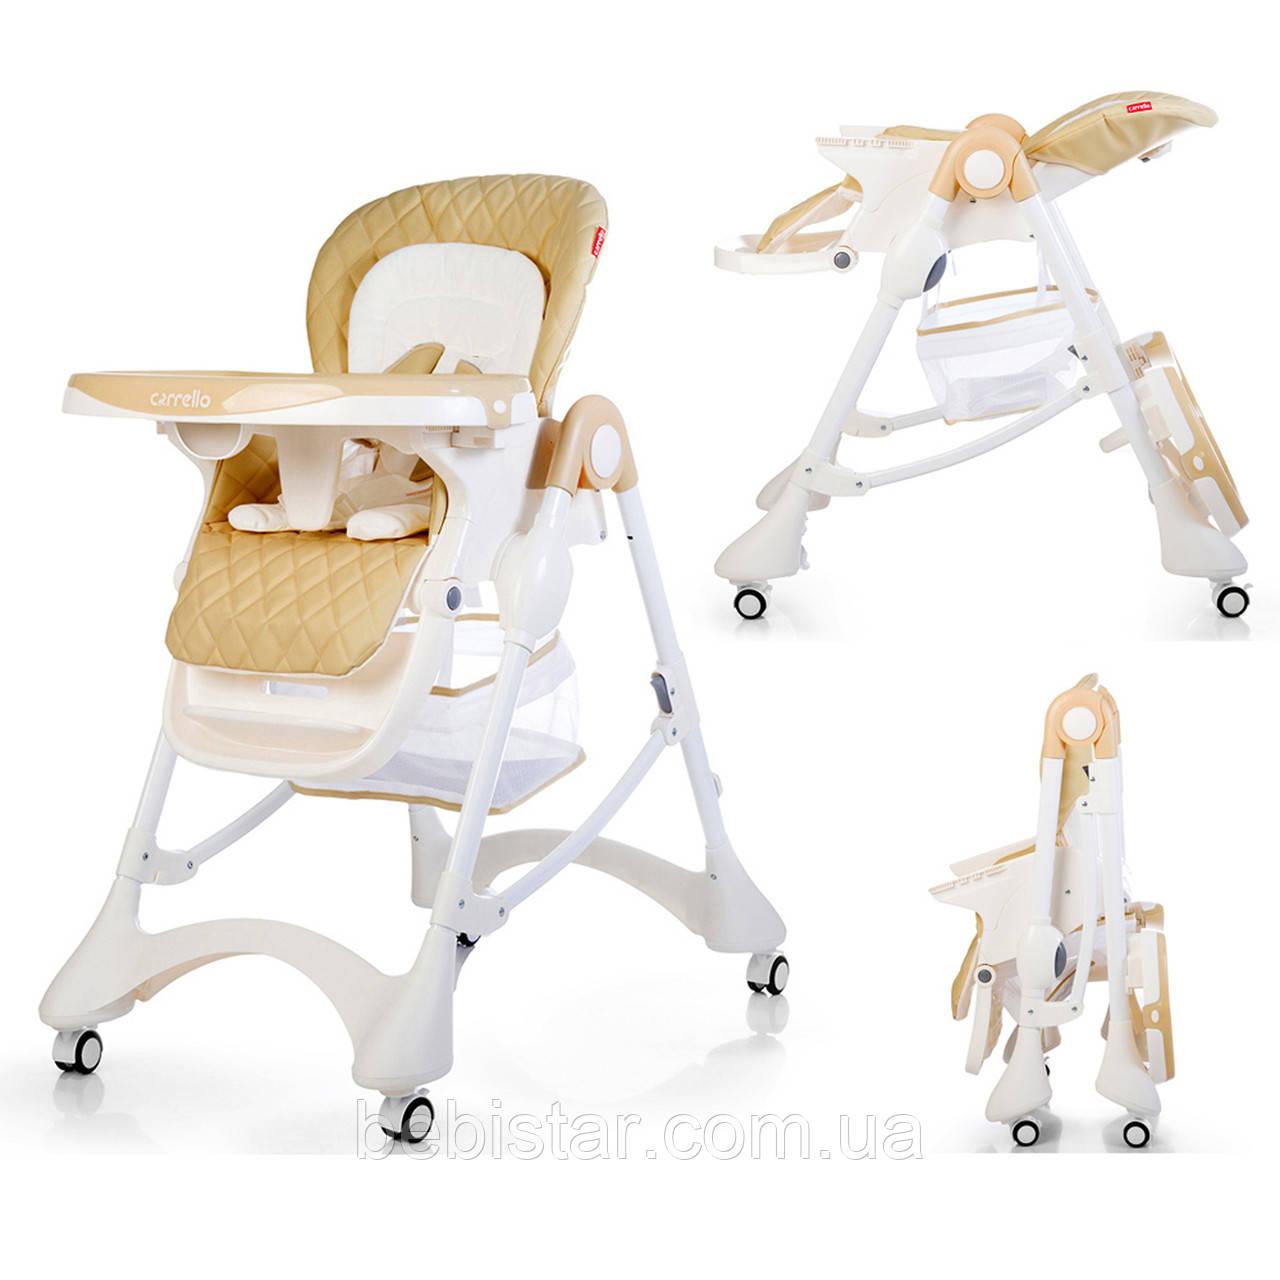 Стільчик для годування бежево-білий CARRELLO Caramel CRL-9501/3 Beige діткам від 6 до 36 місяців